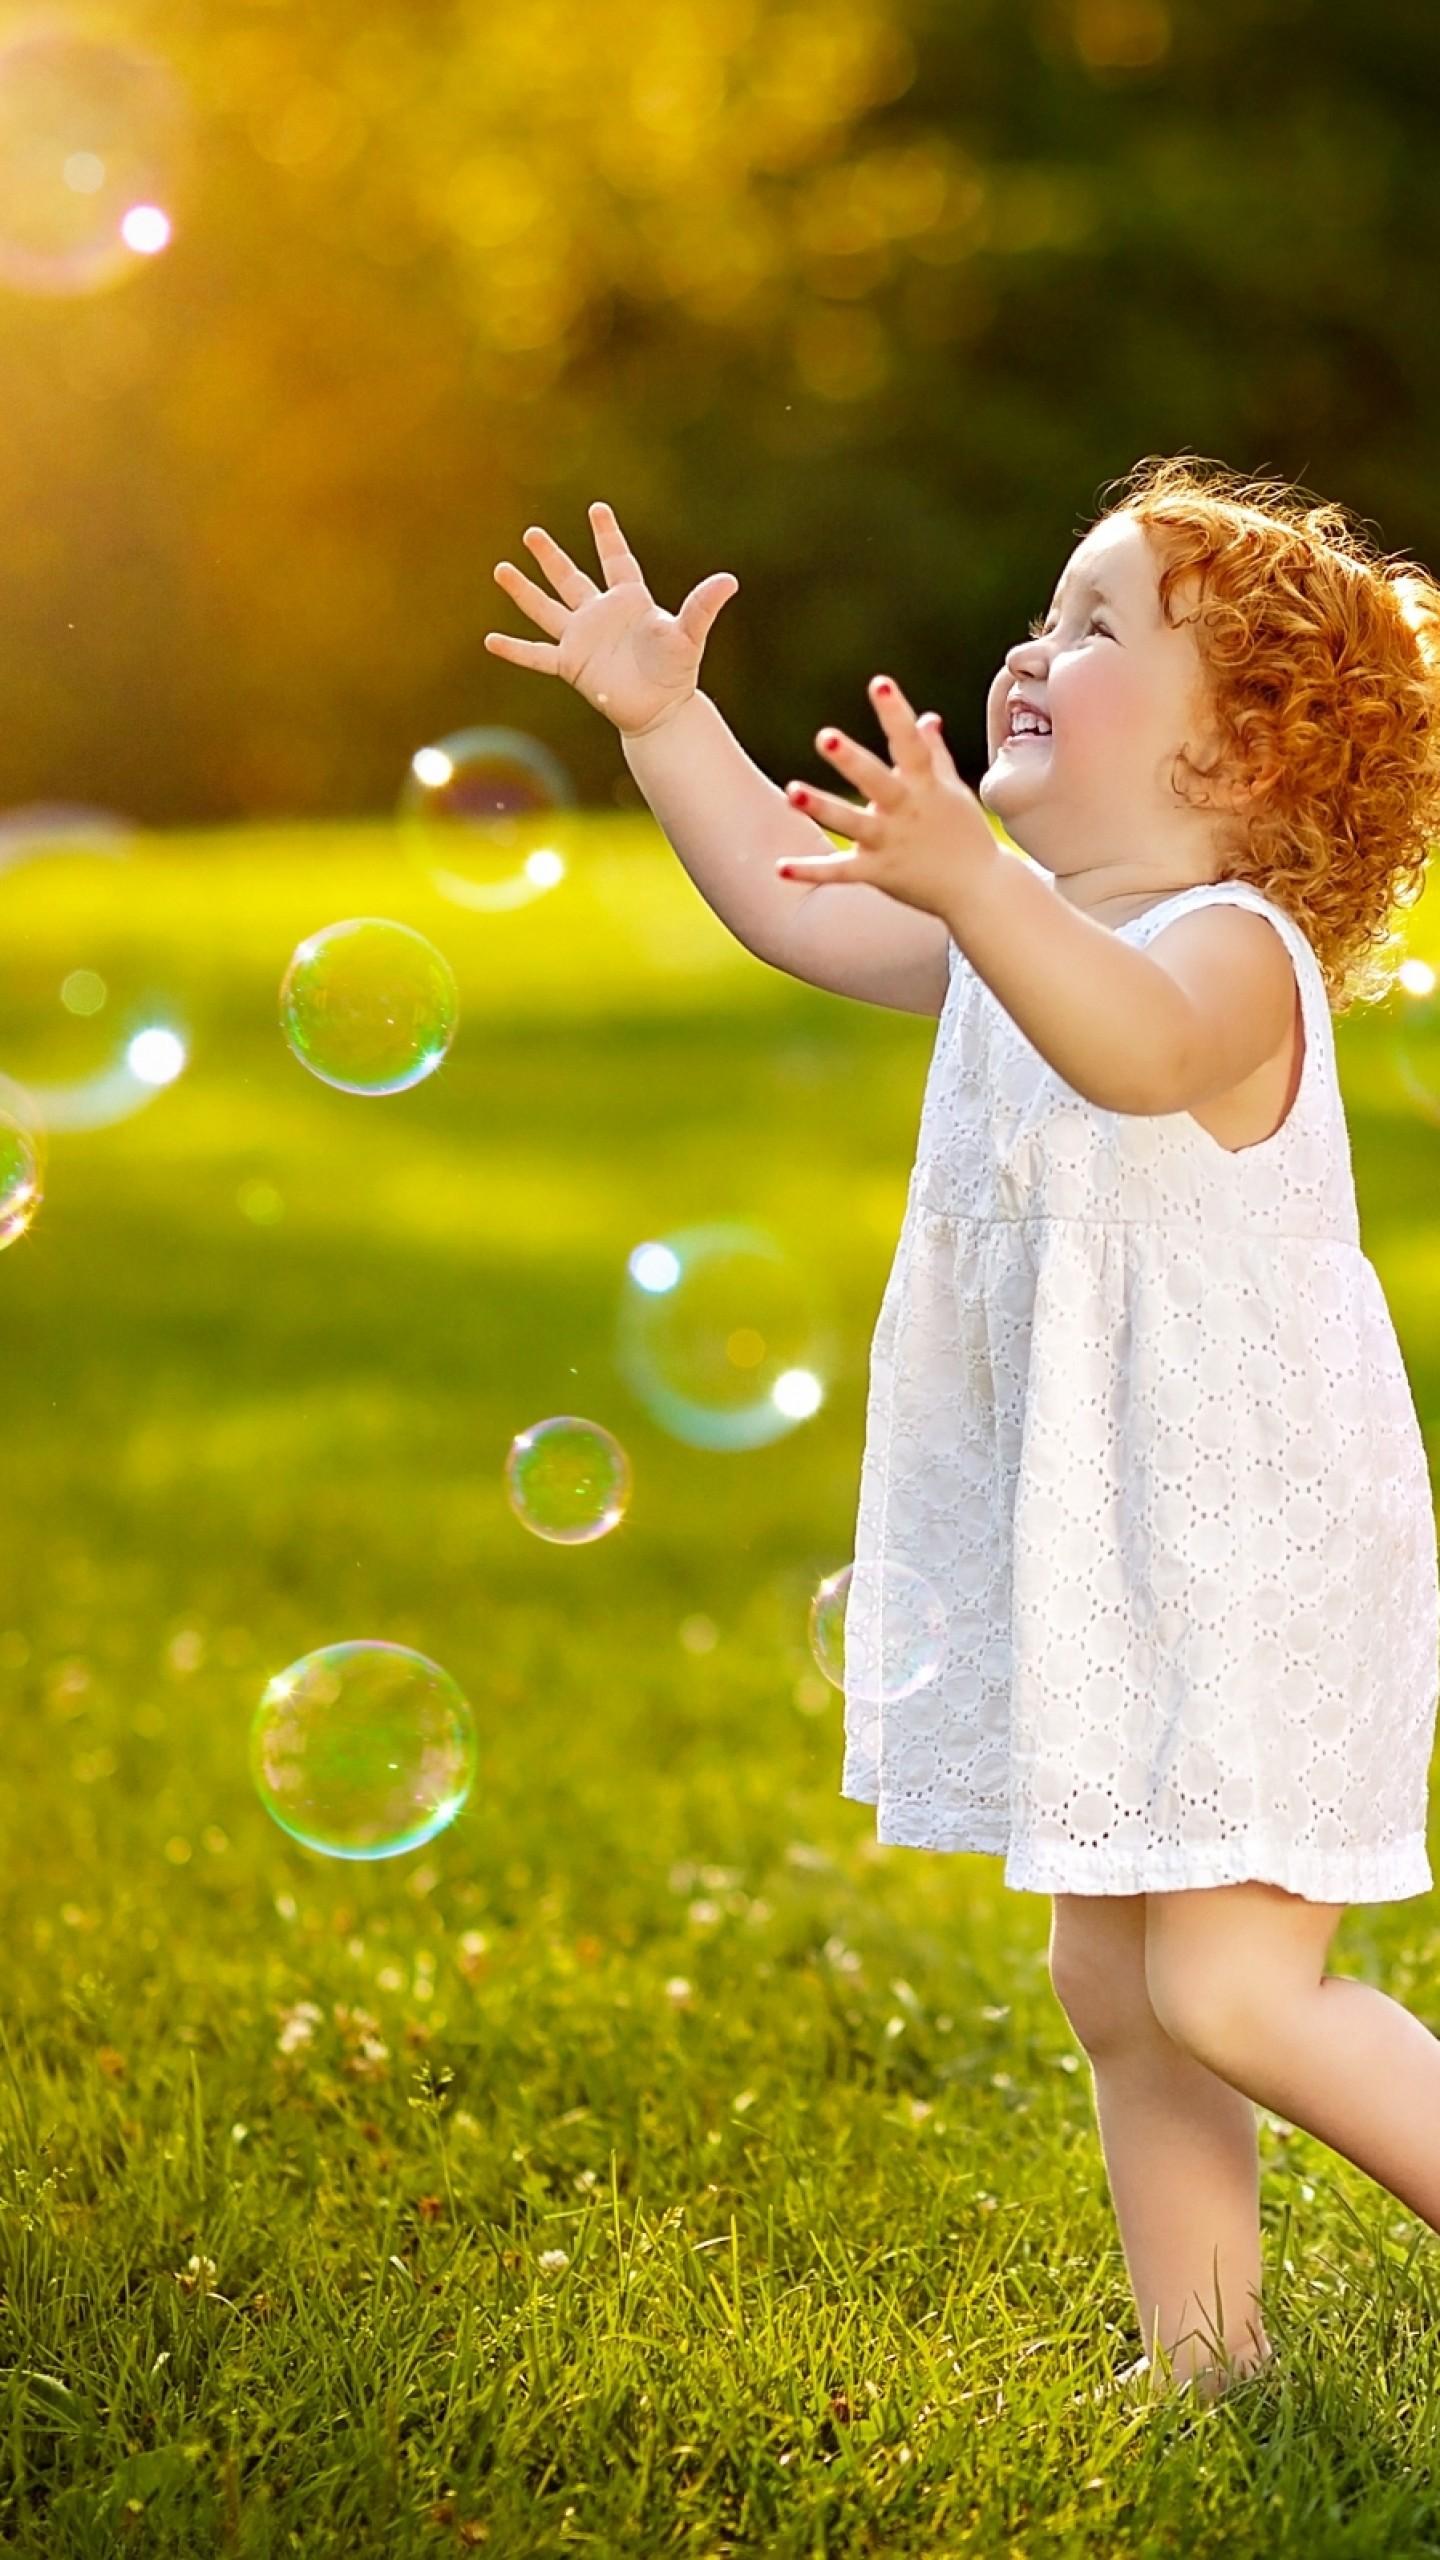 عکس زمینه دختربچه ناز در حال بازی با حباب پس زمینه